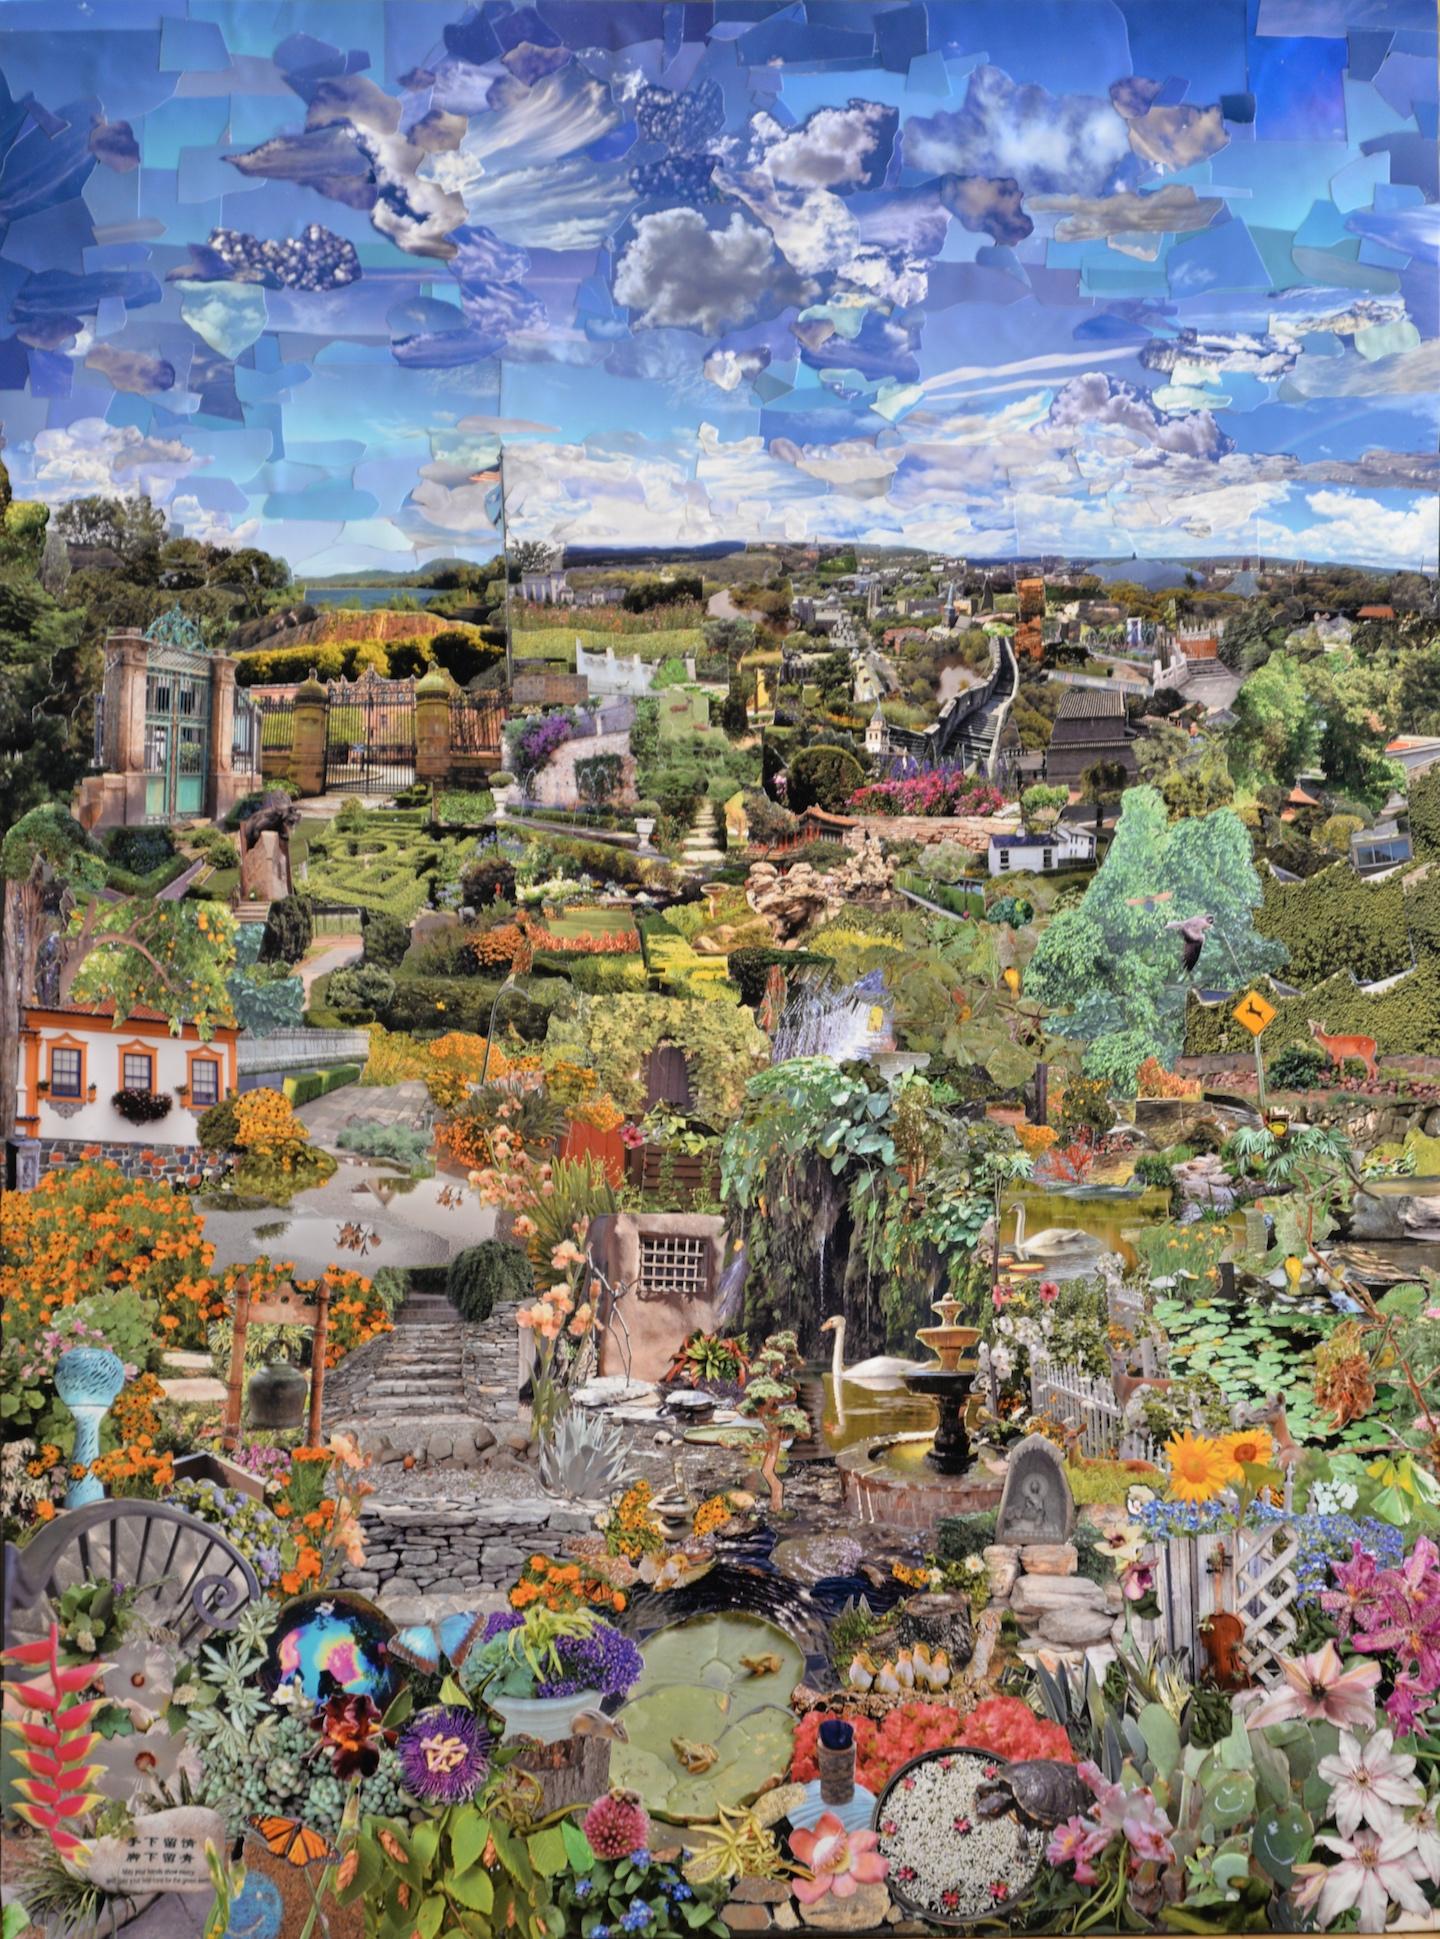 Panel 3 - Spring Garden